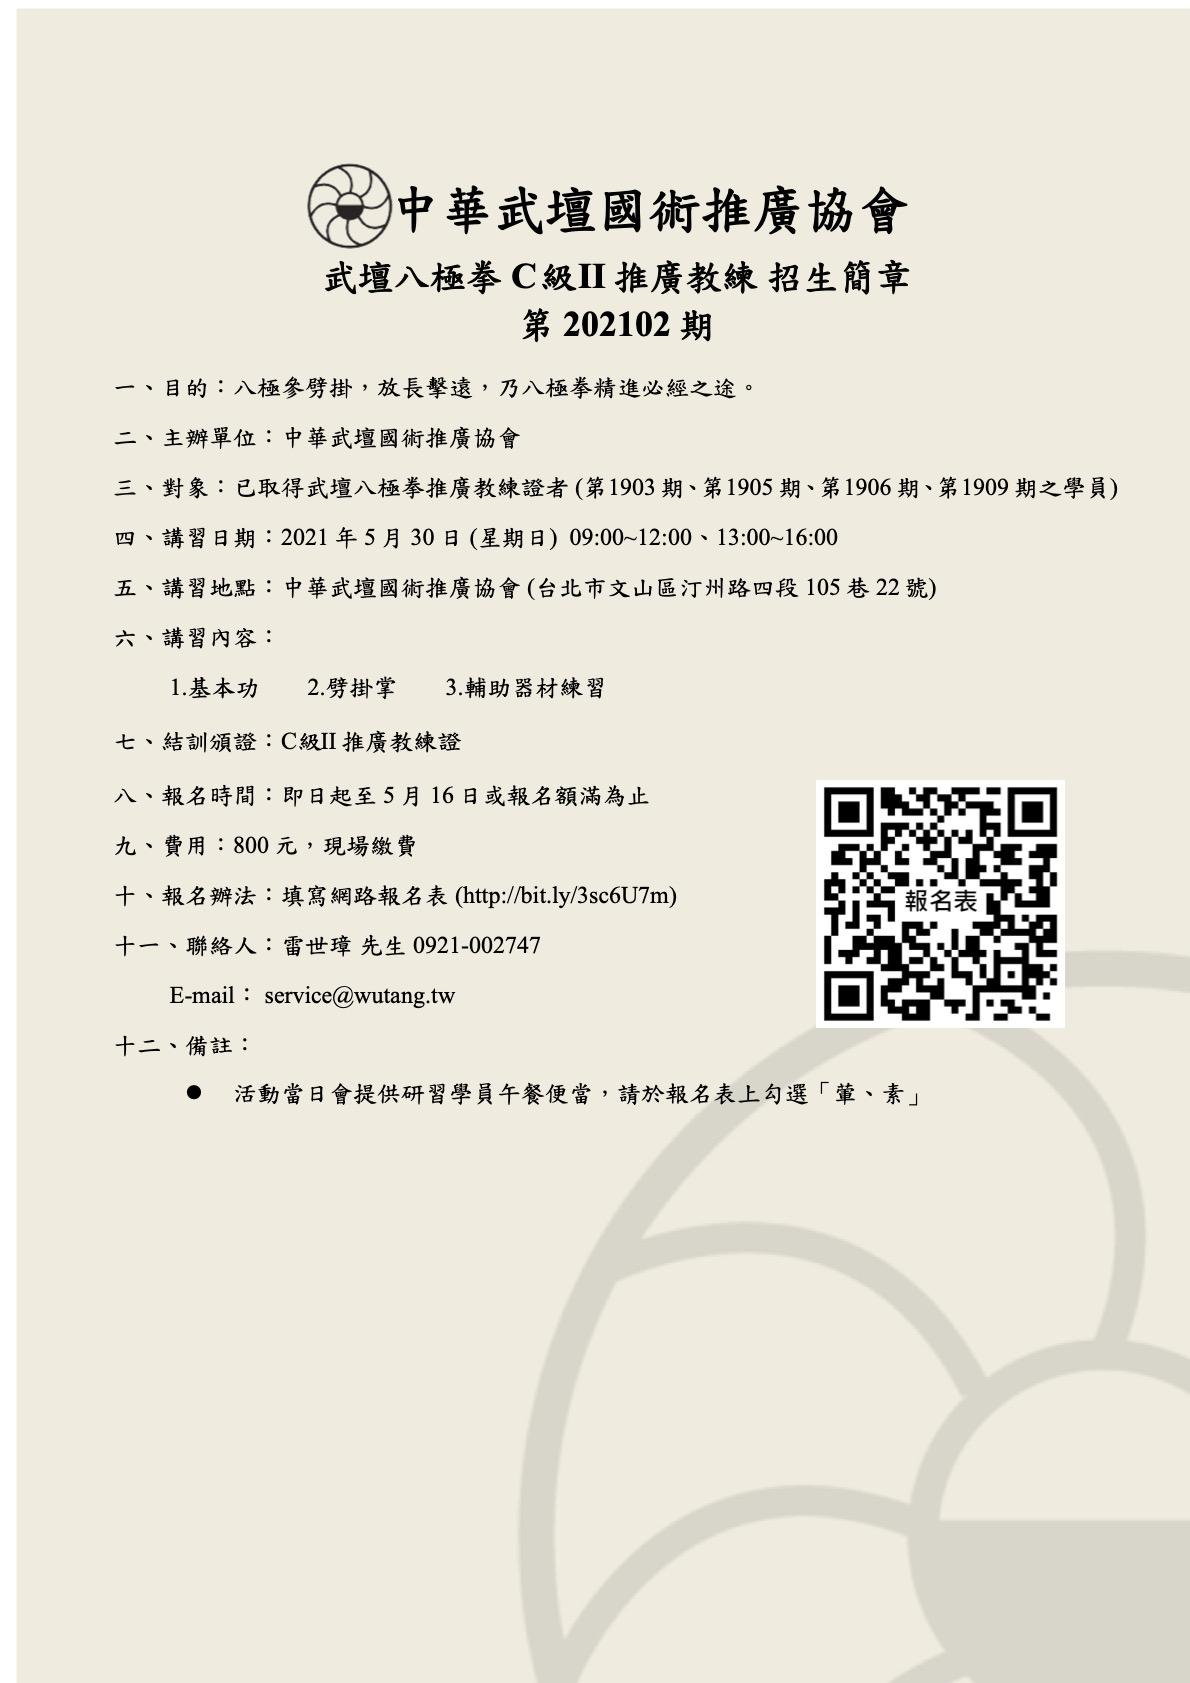 武壇八極拳C級II推廣教練 招生簡章_第202102期